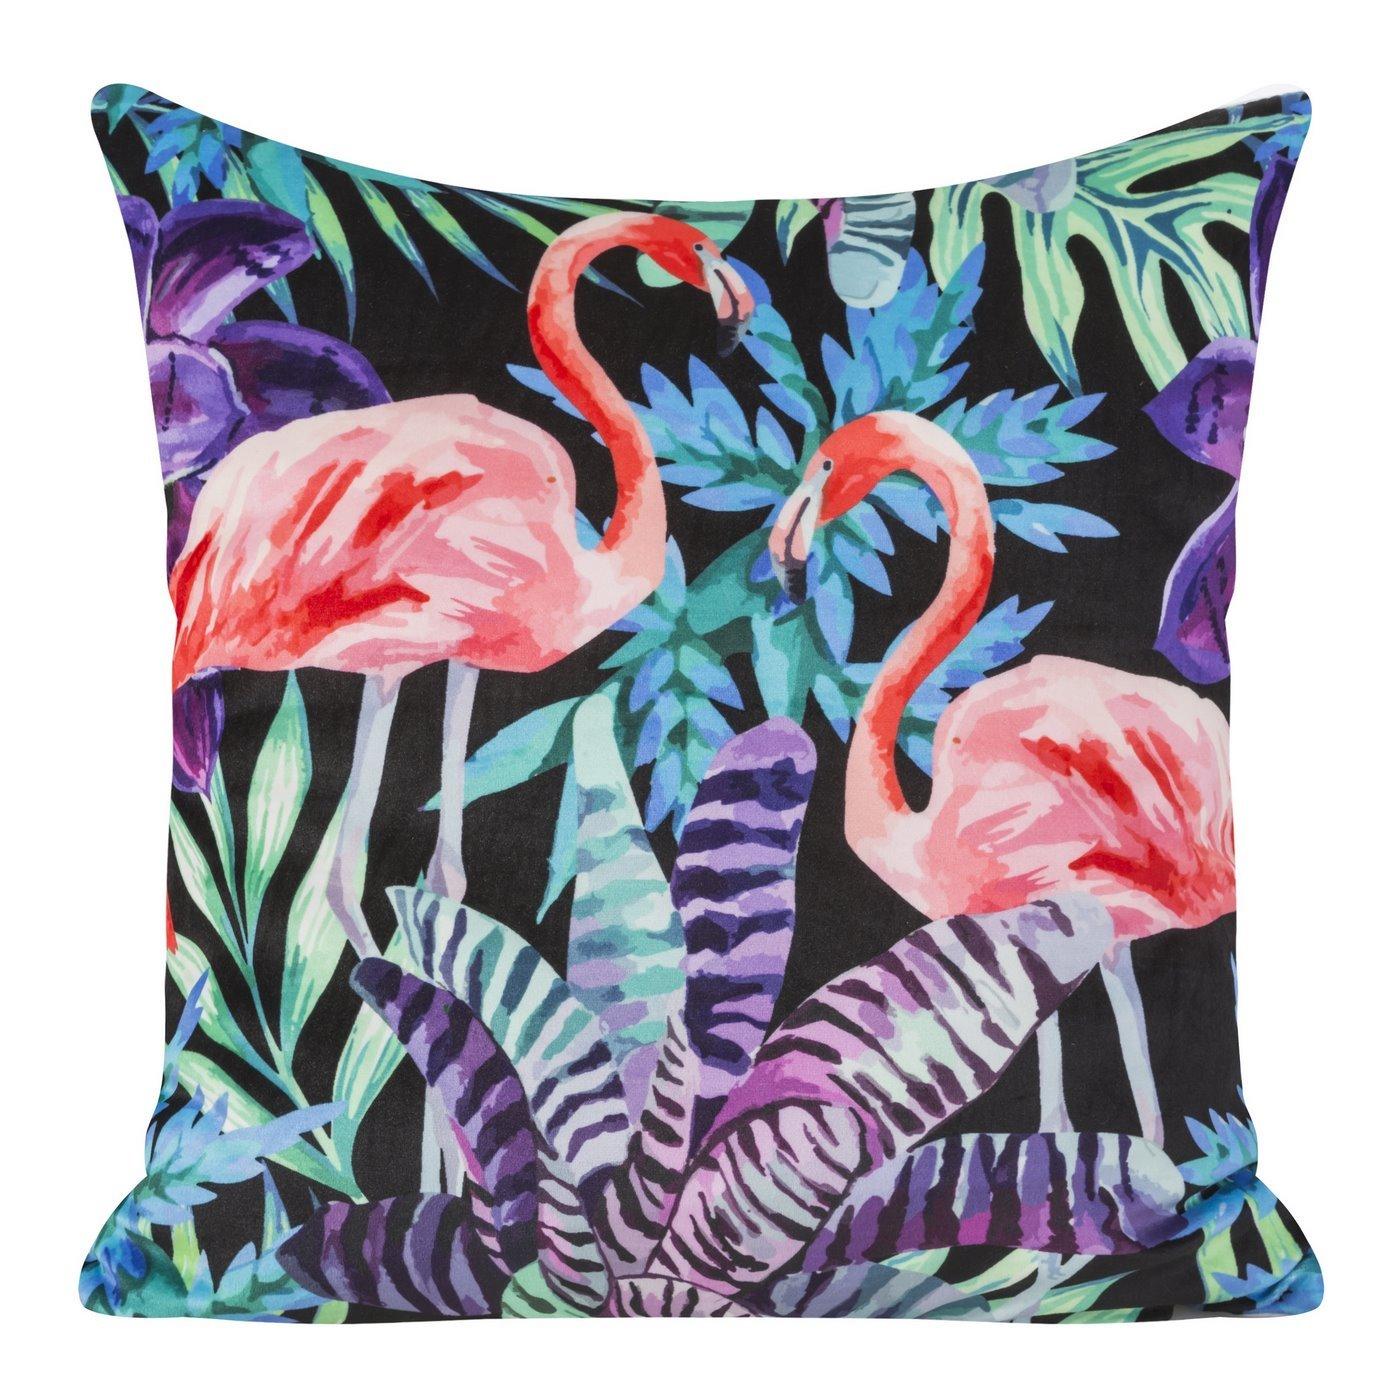 Welwetowa poszewka z egzotycznym motywem flamingów 45x45 cm